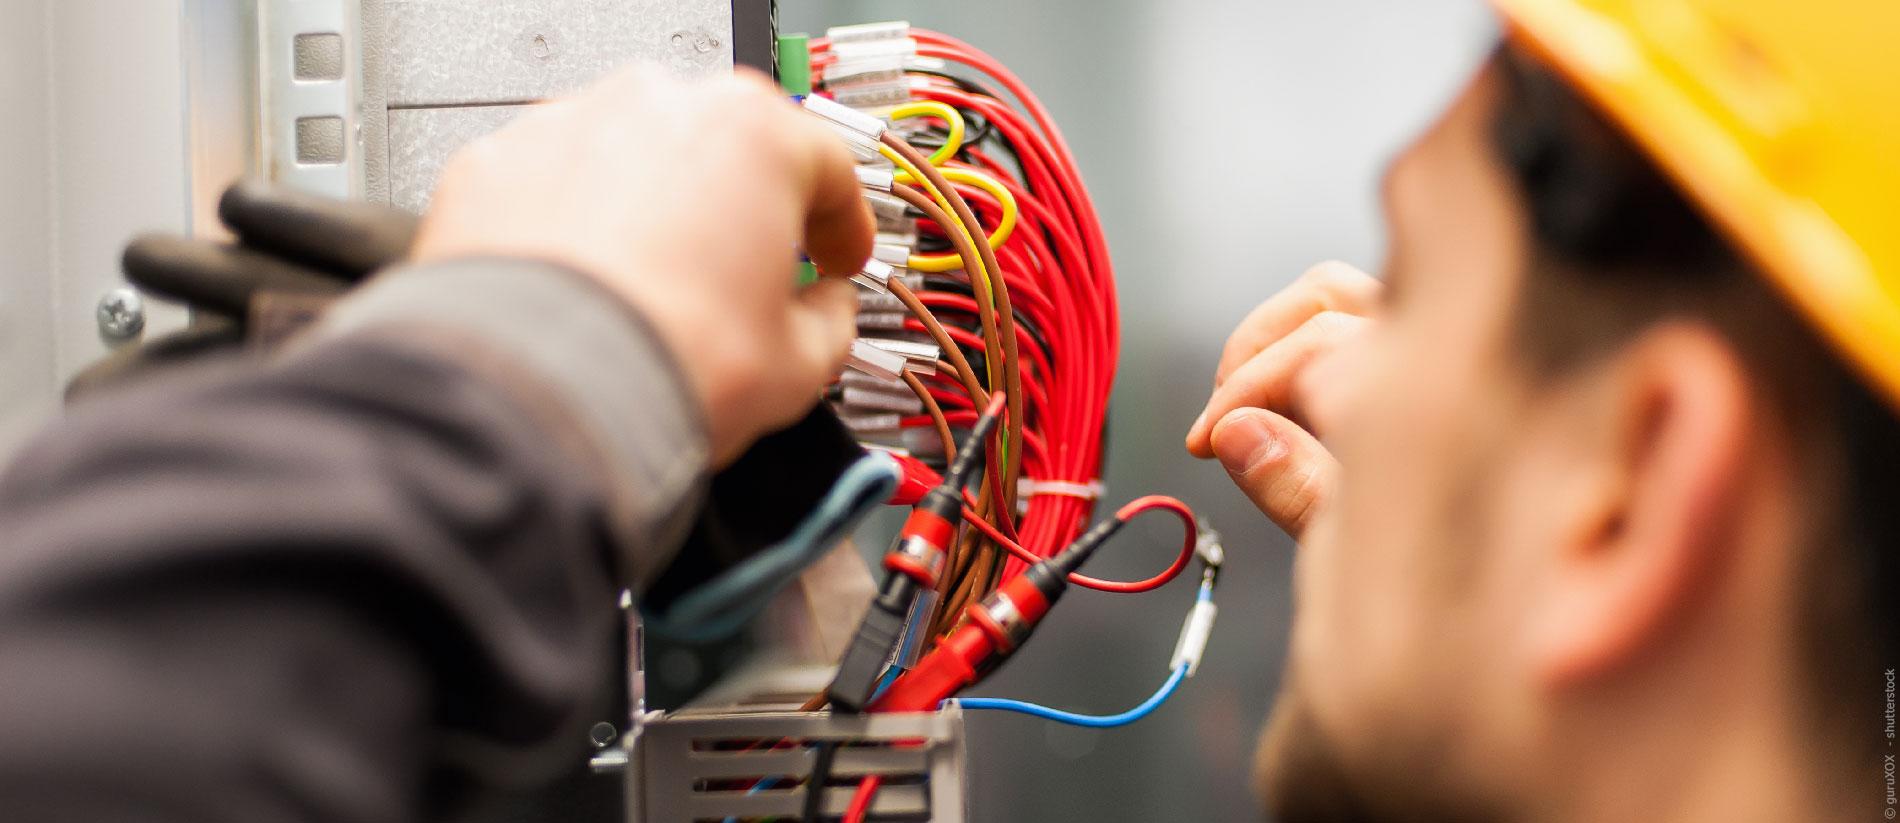 Elektriker prüft Installation und  Leitungen